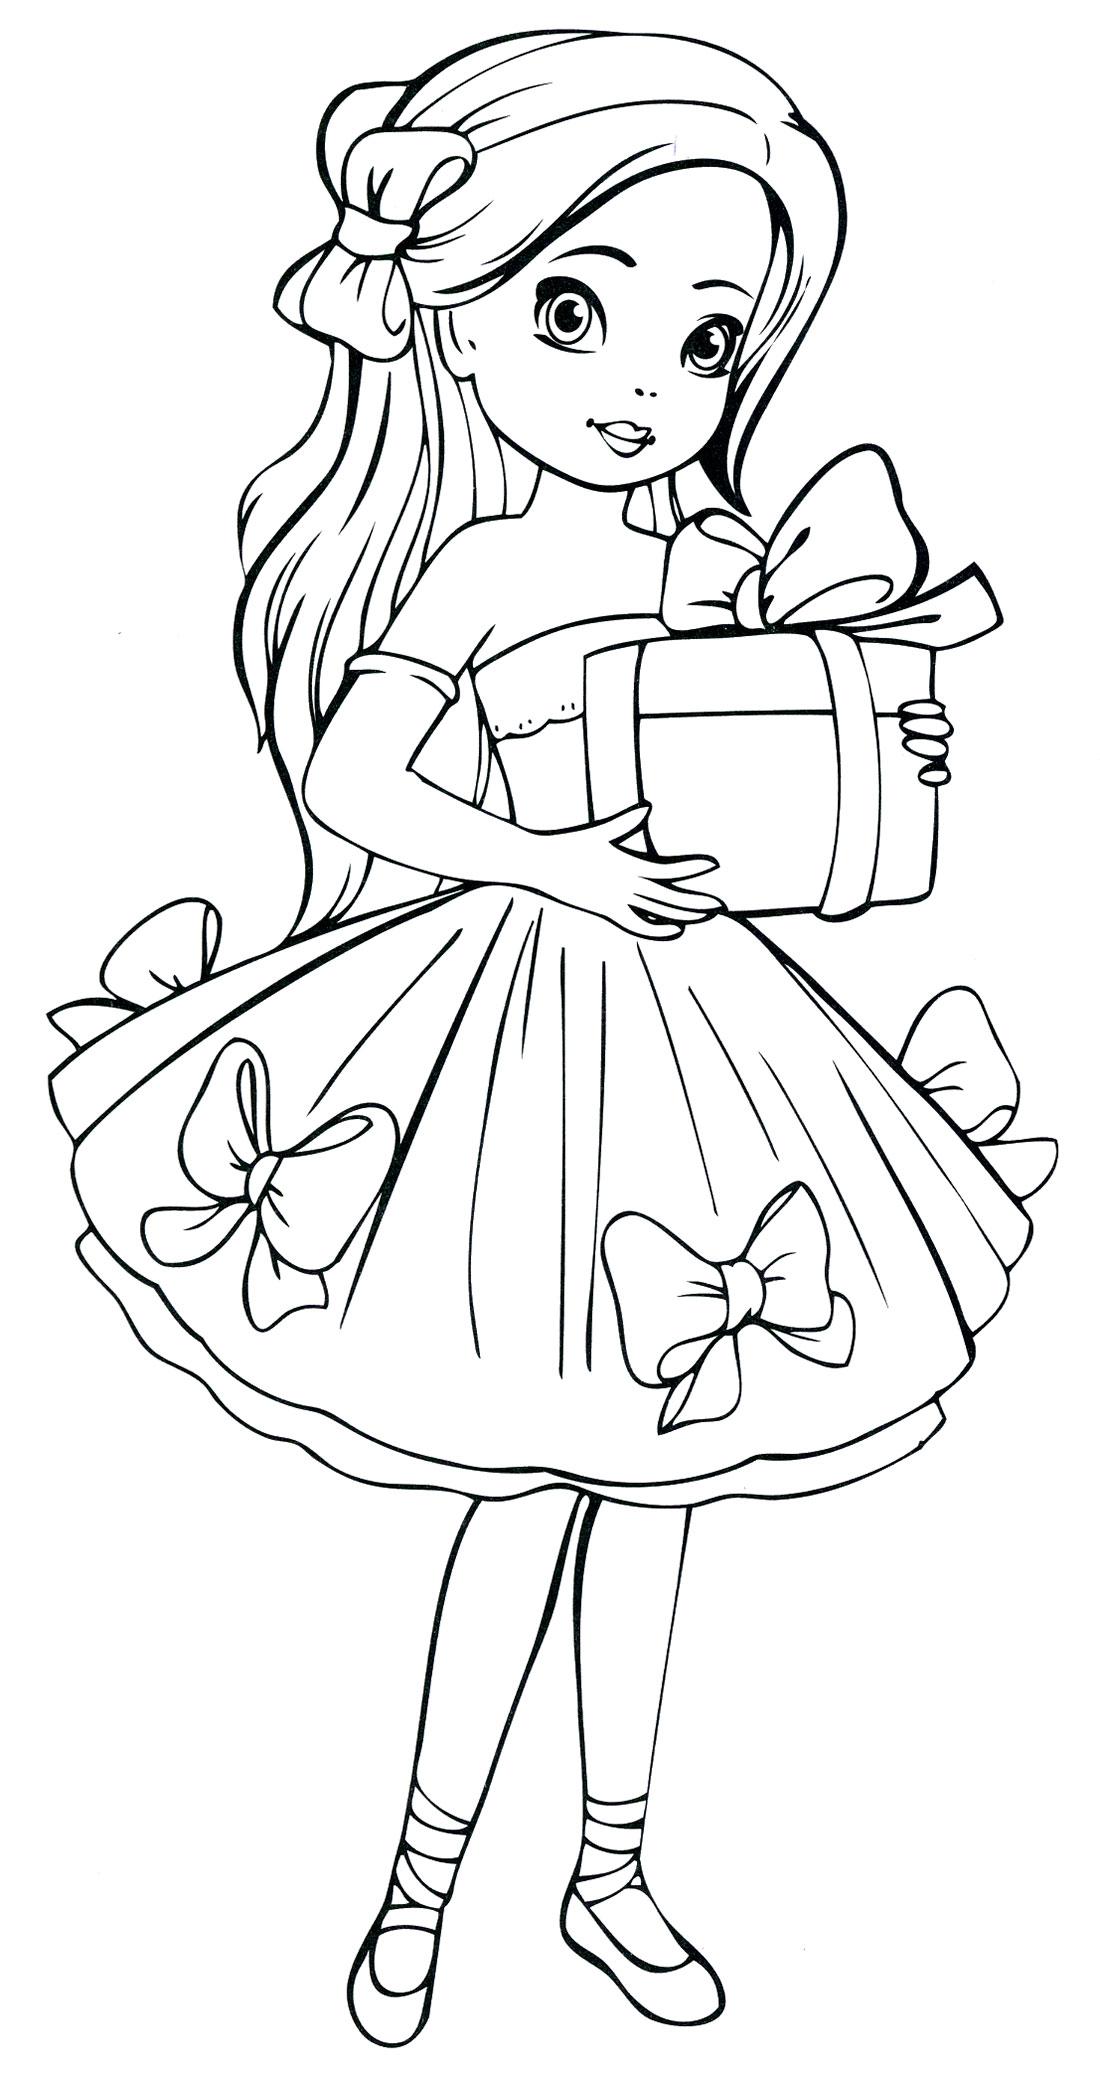 Раскраски для девочек. Девочка принимает подарок